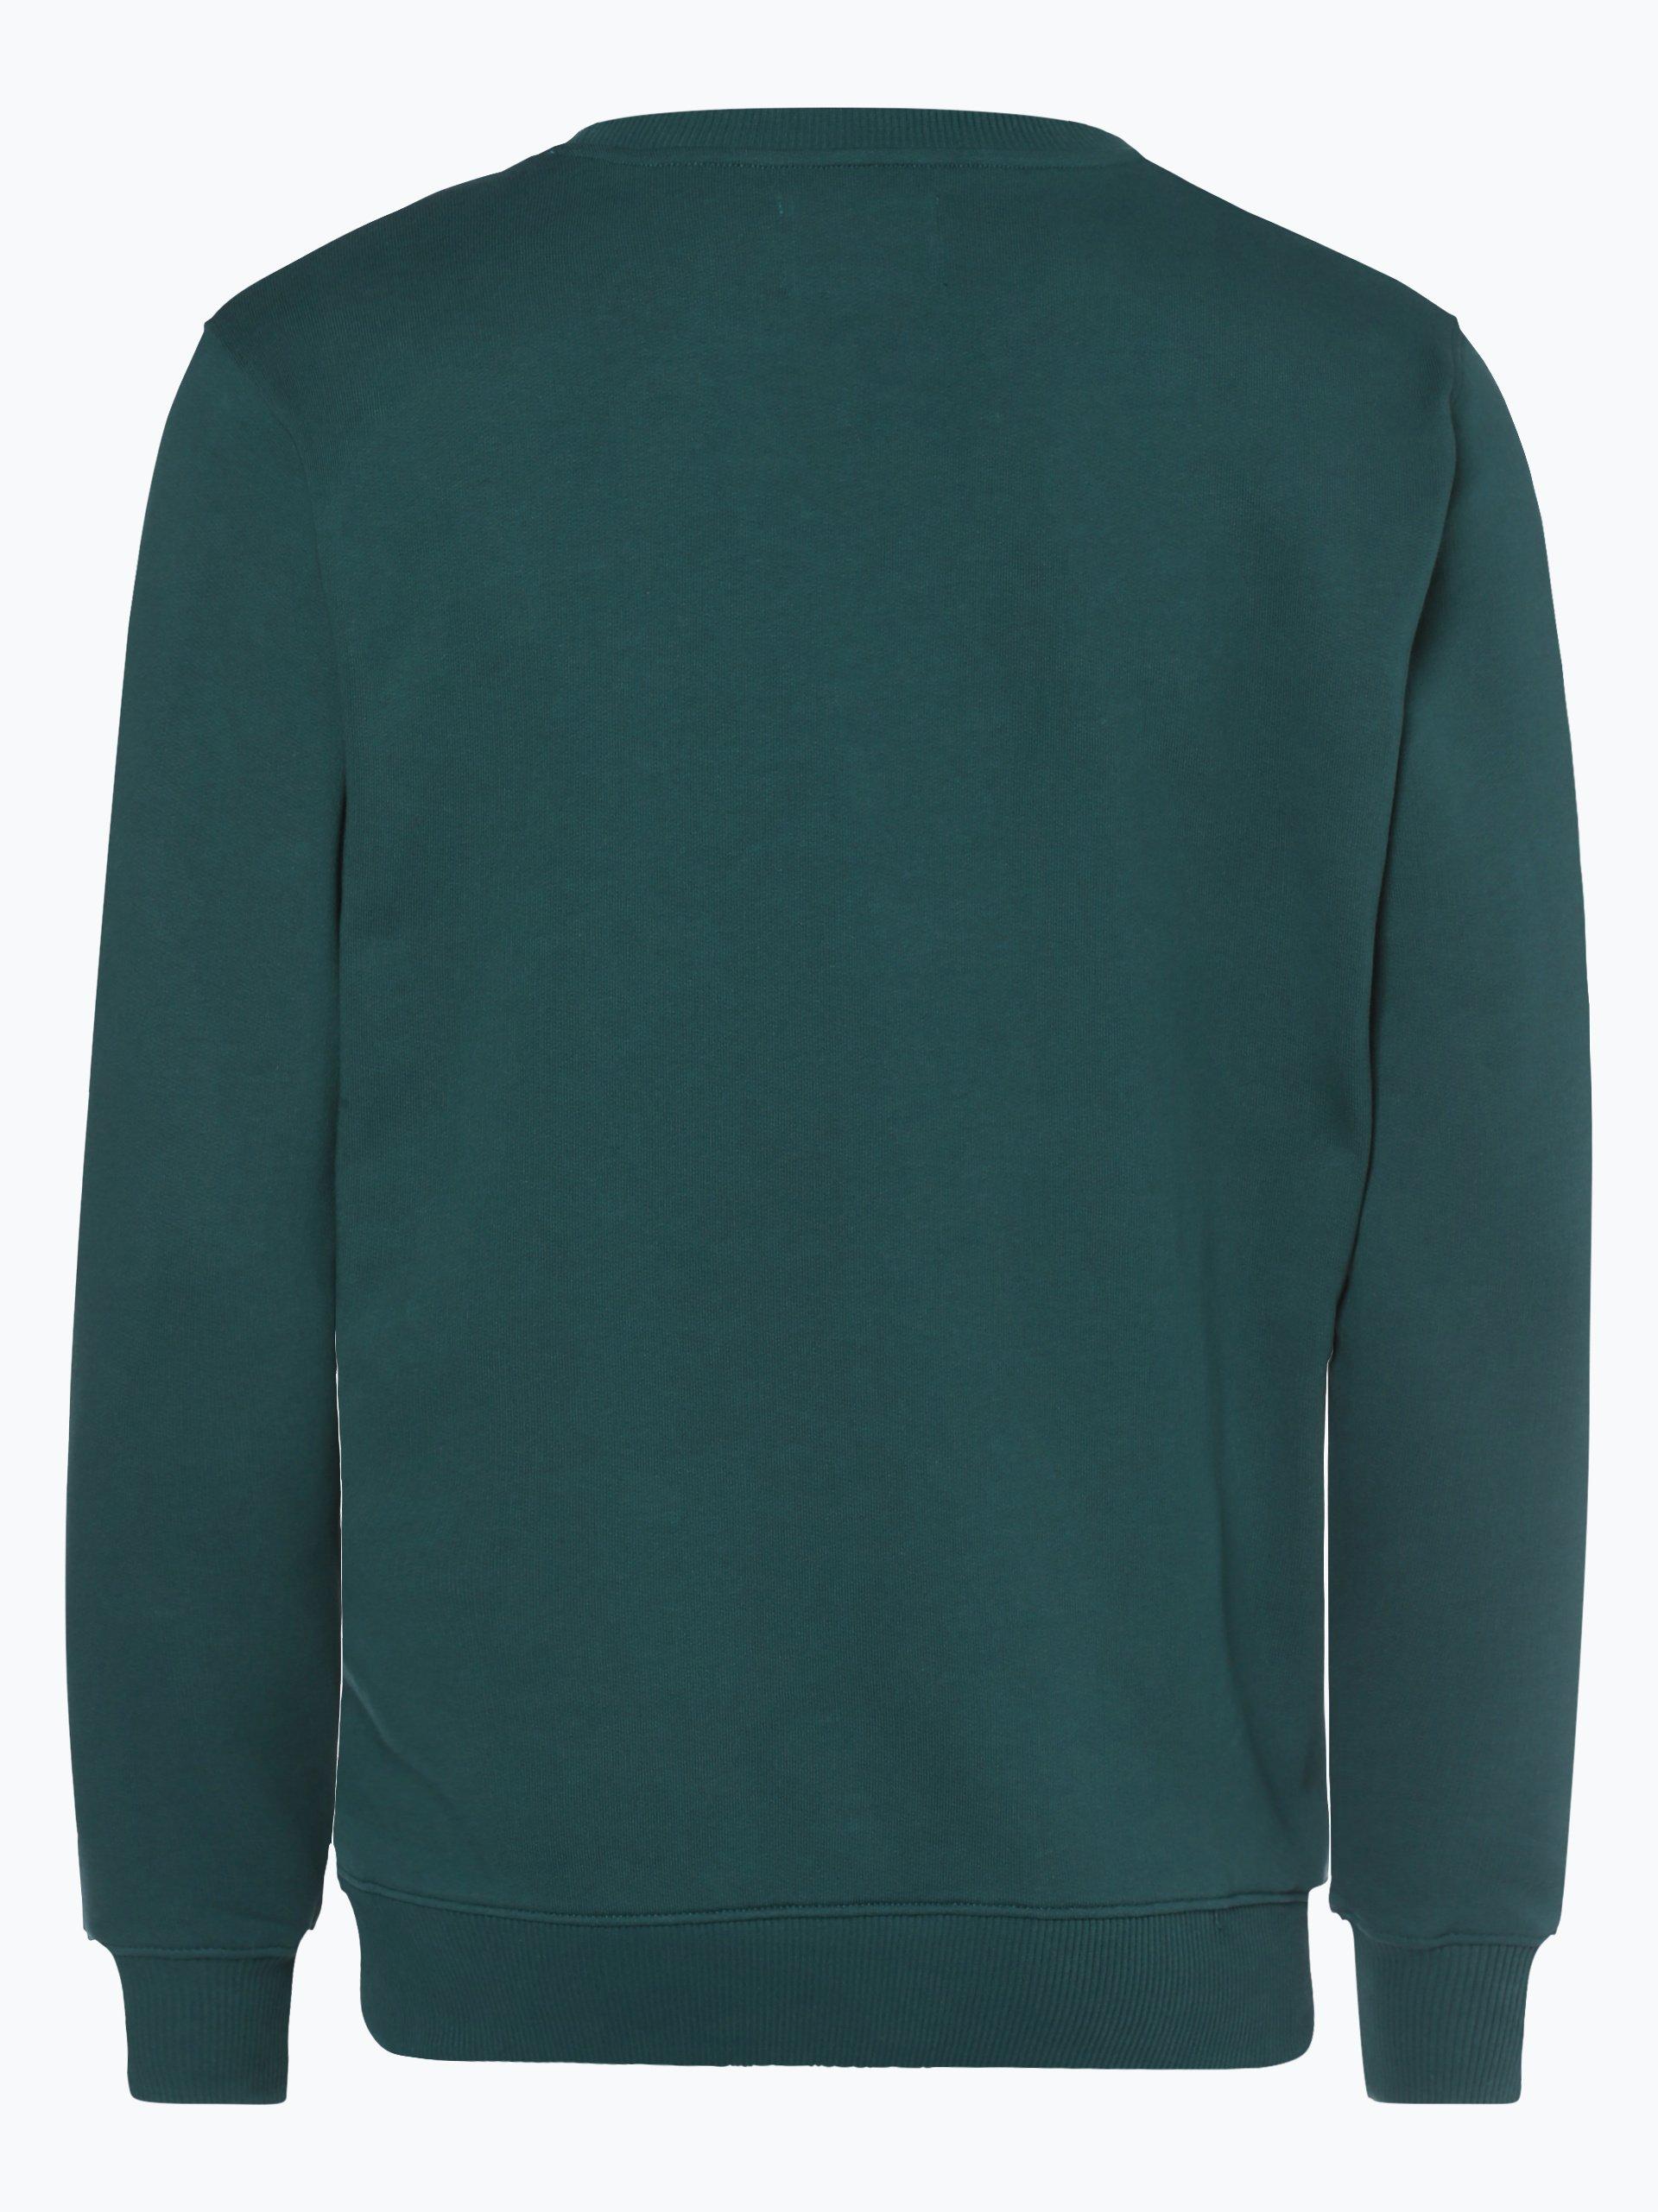 calvin klein jeans herren sweatshirt gr n bedruckt online kaufen vangraaf com. Black Bedroom Furniture Sets. Home Design Ideas